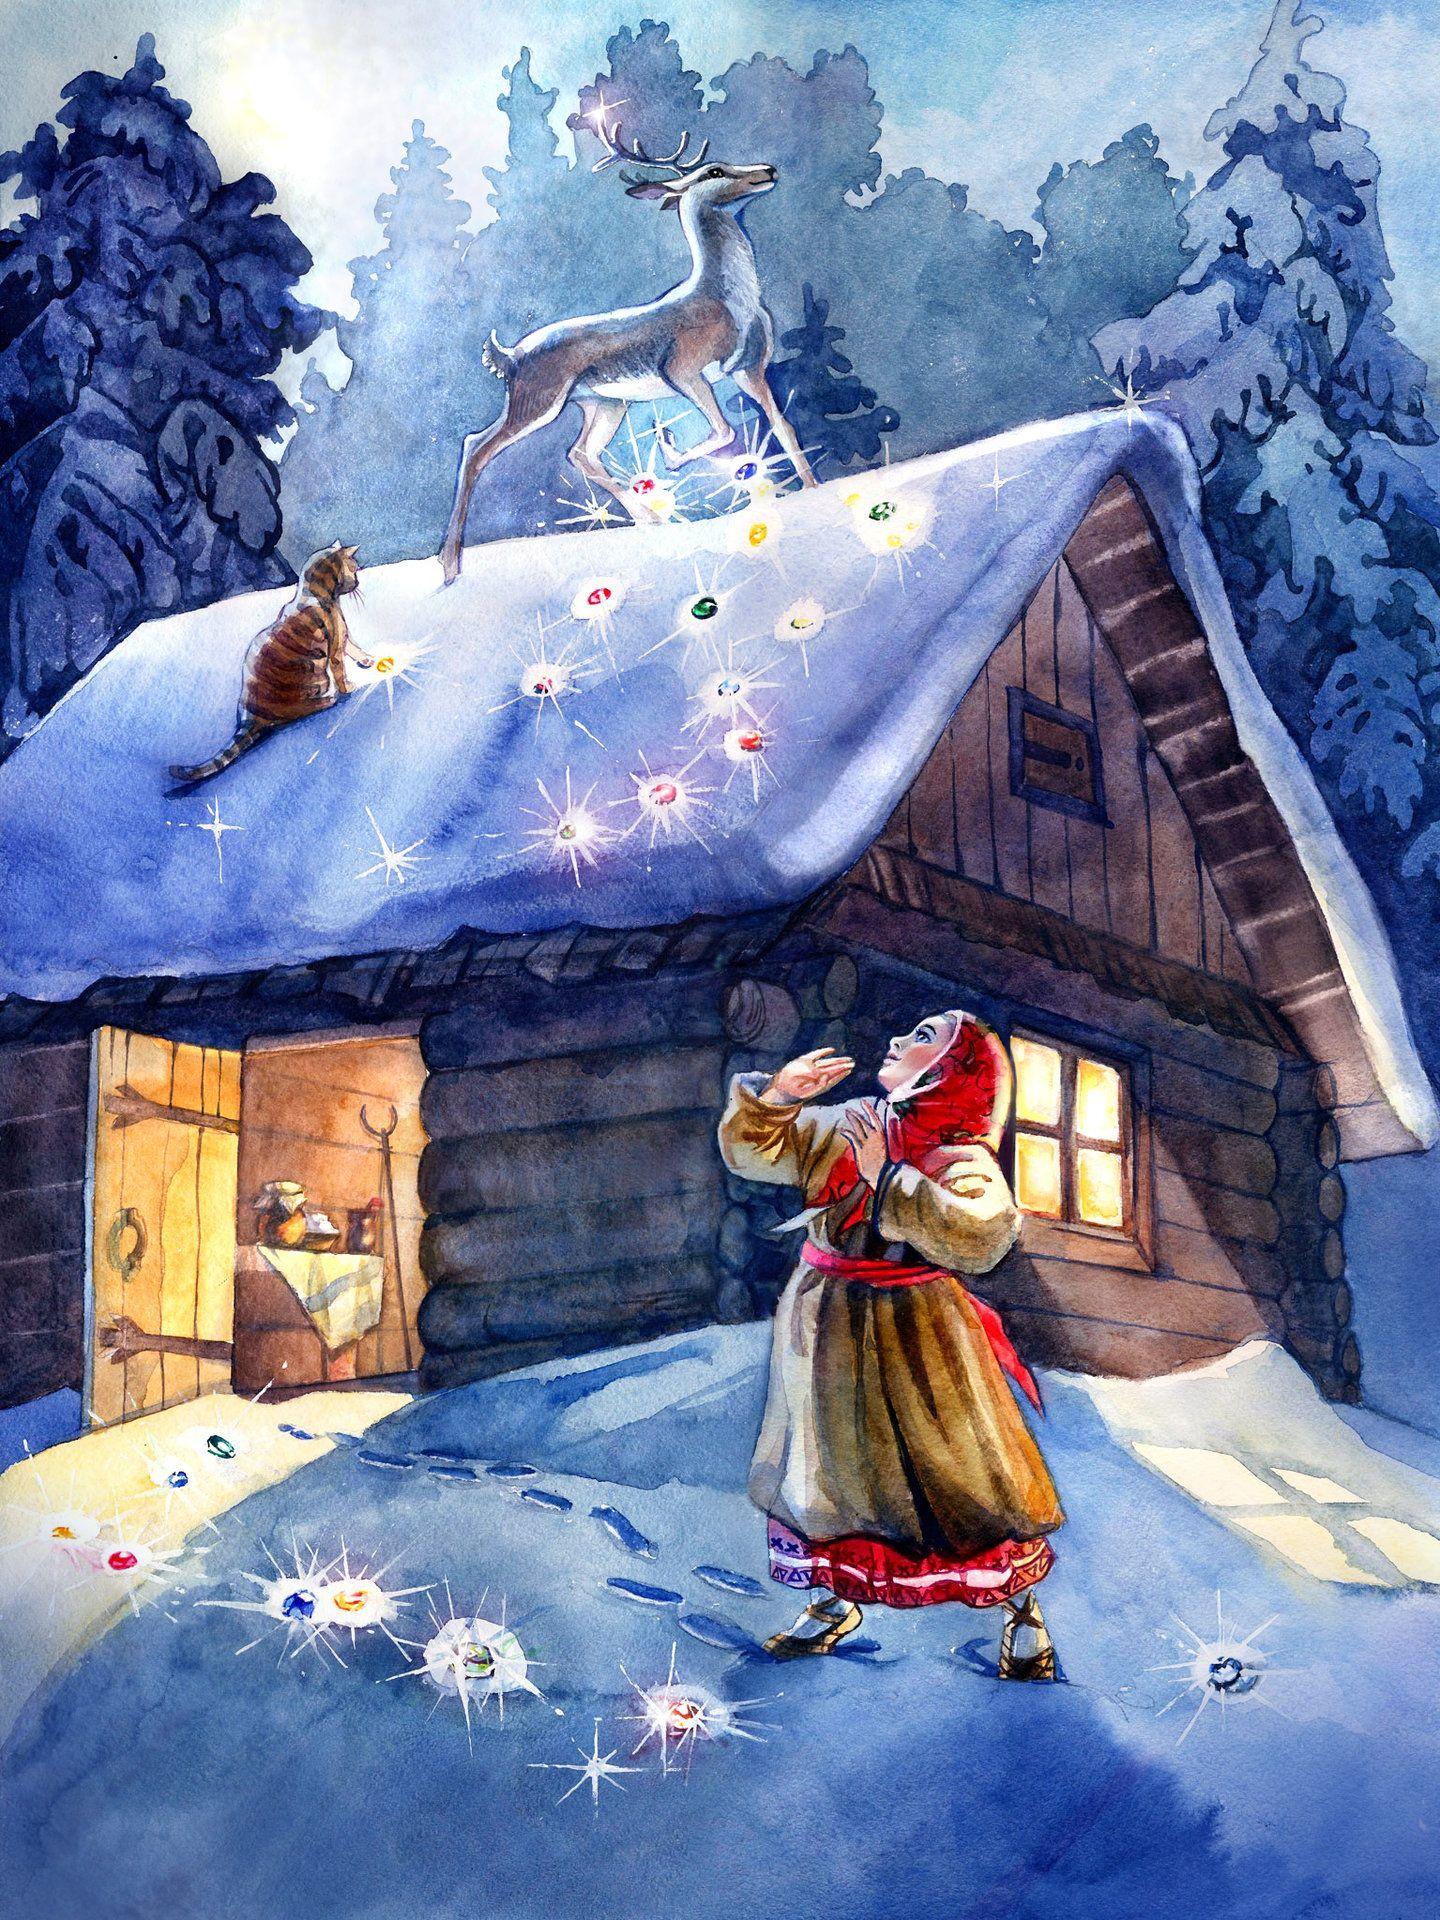 artstation silver hoof julia kovalyova illustration